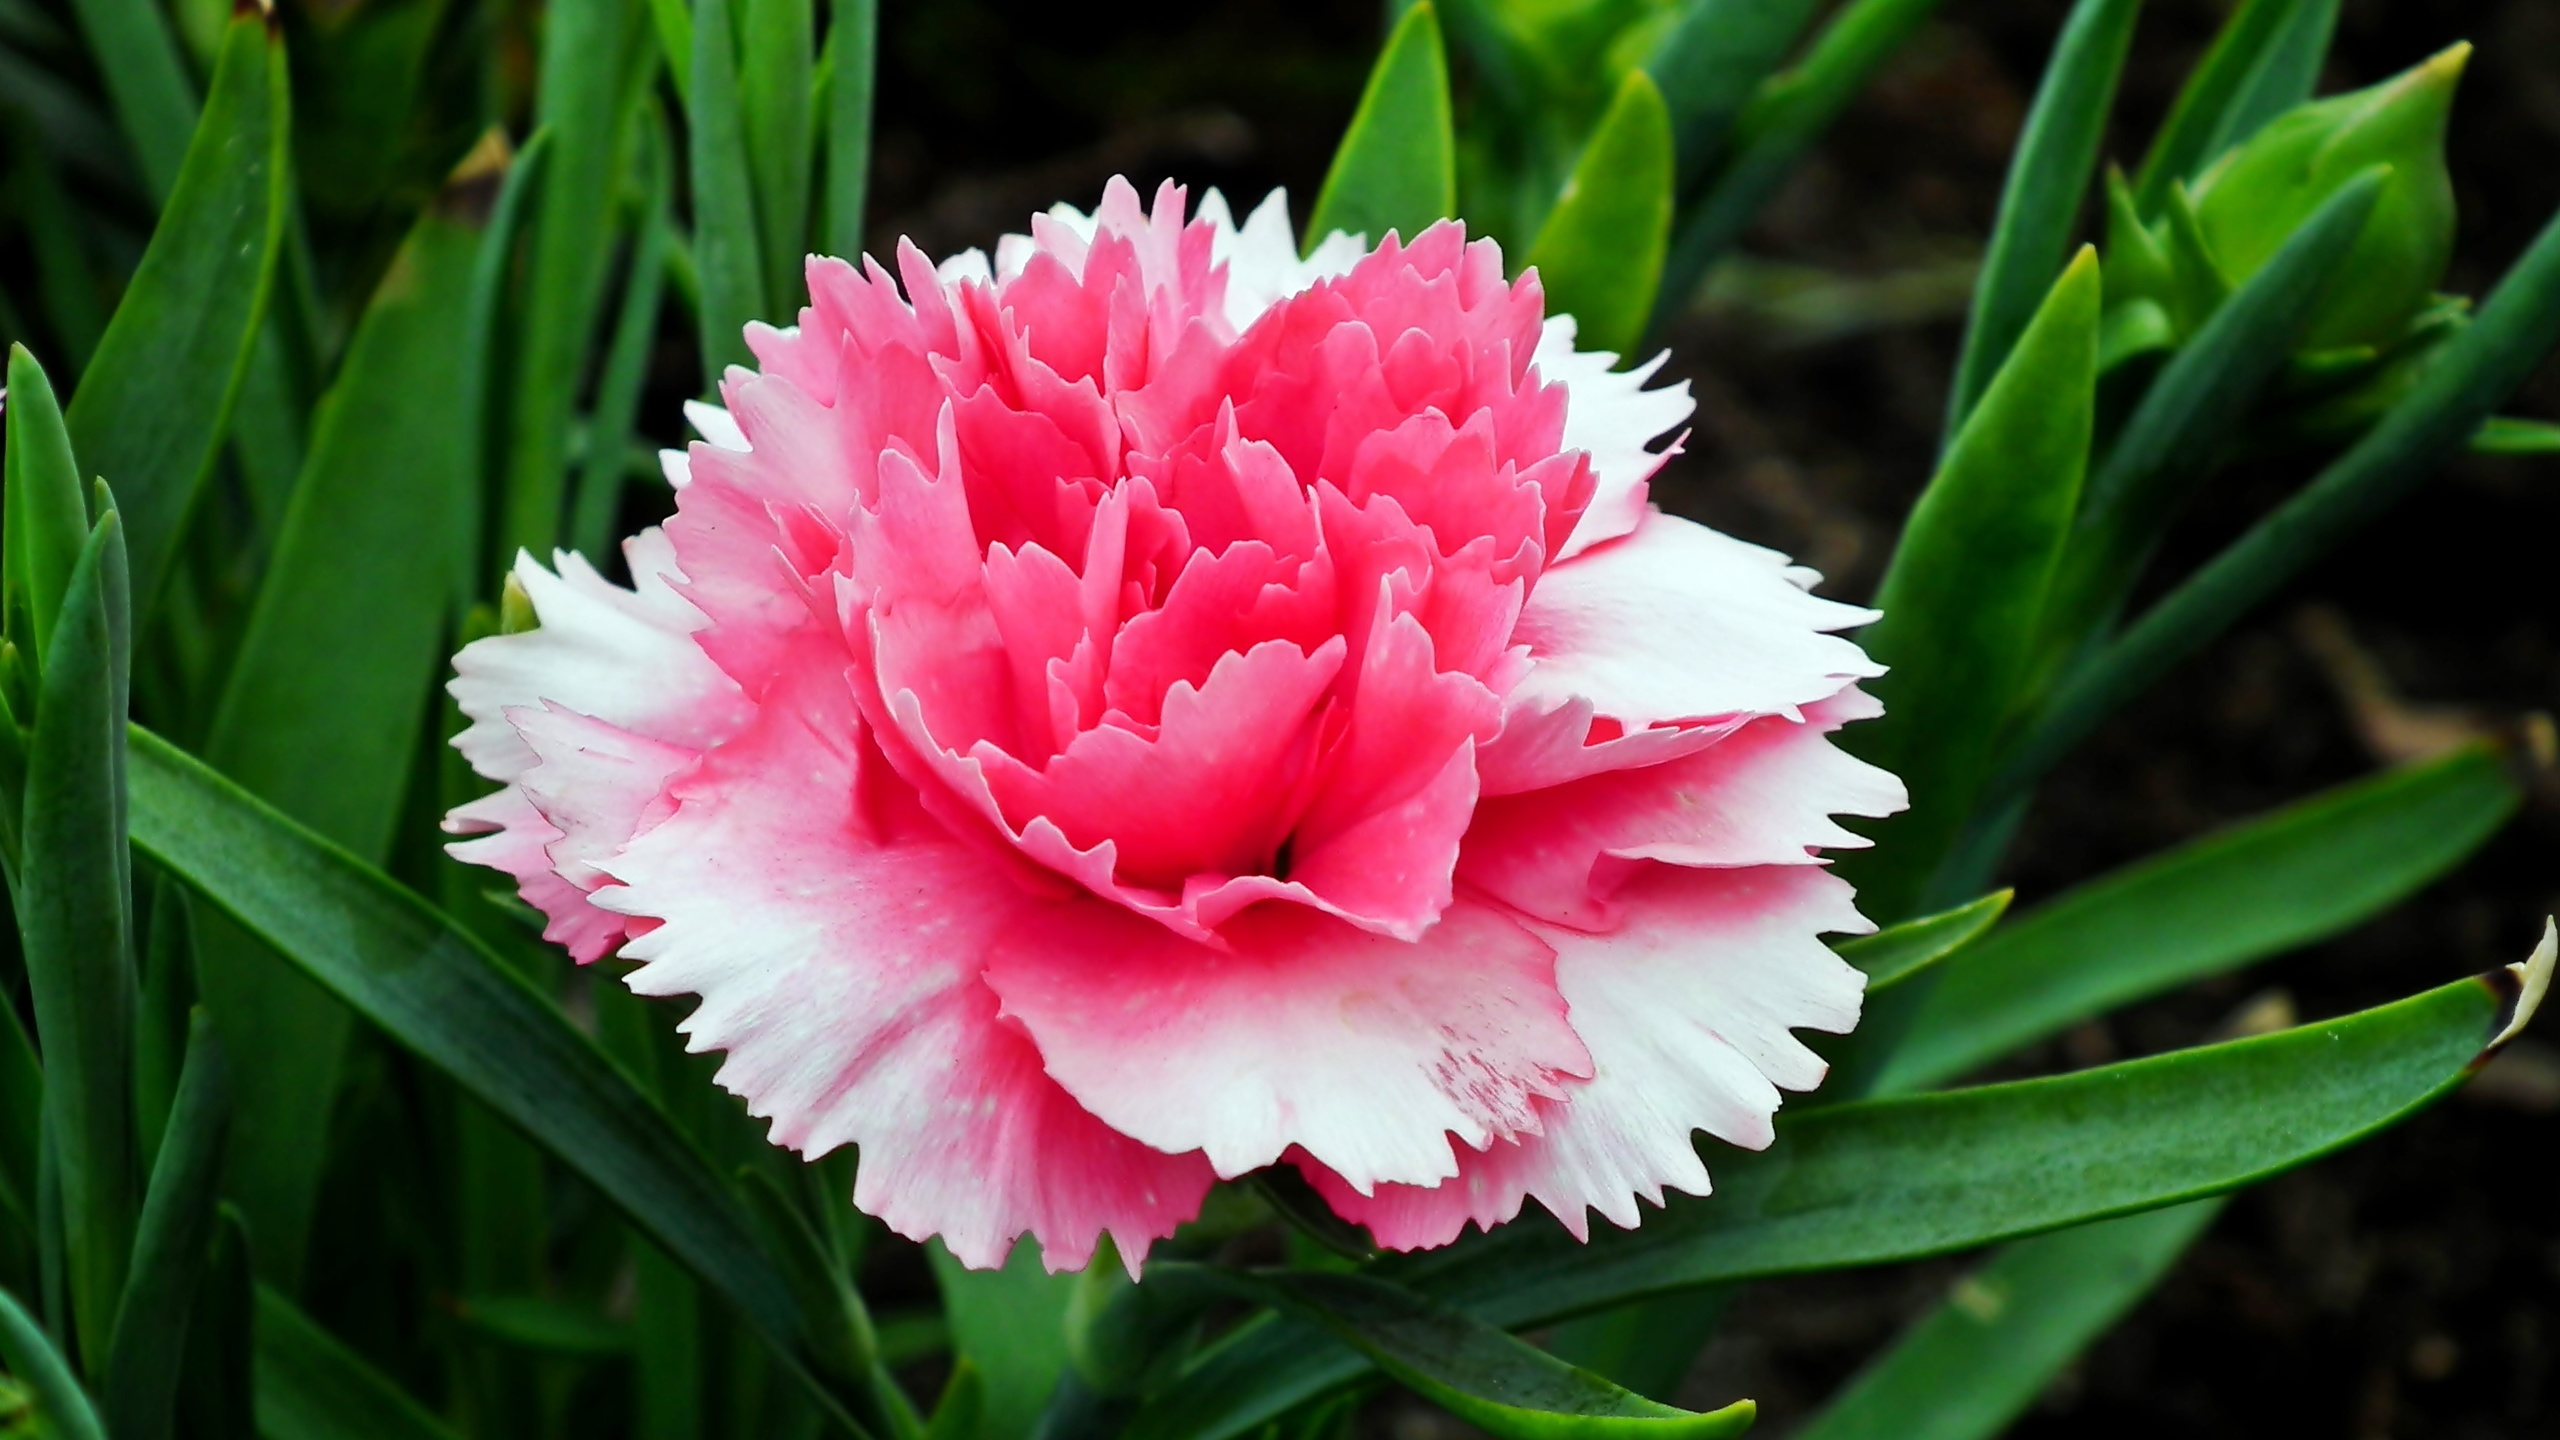 гвоздики, цветок, весна, сад, розовый, природа